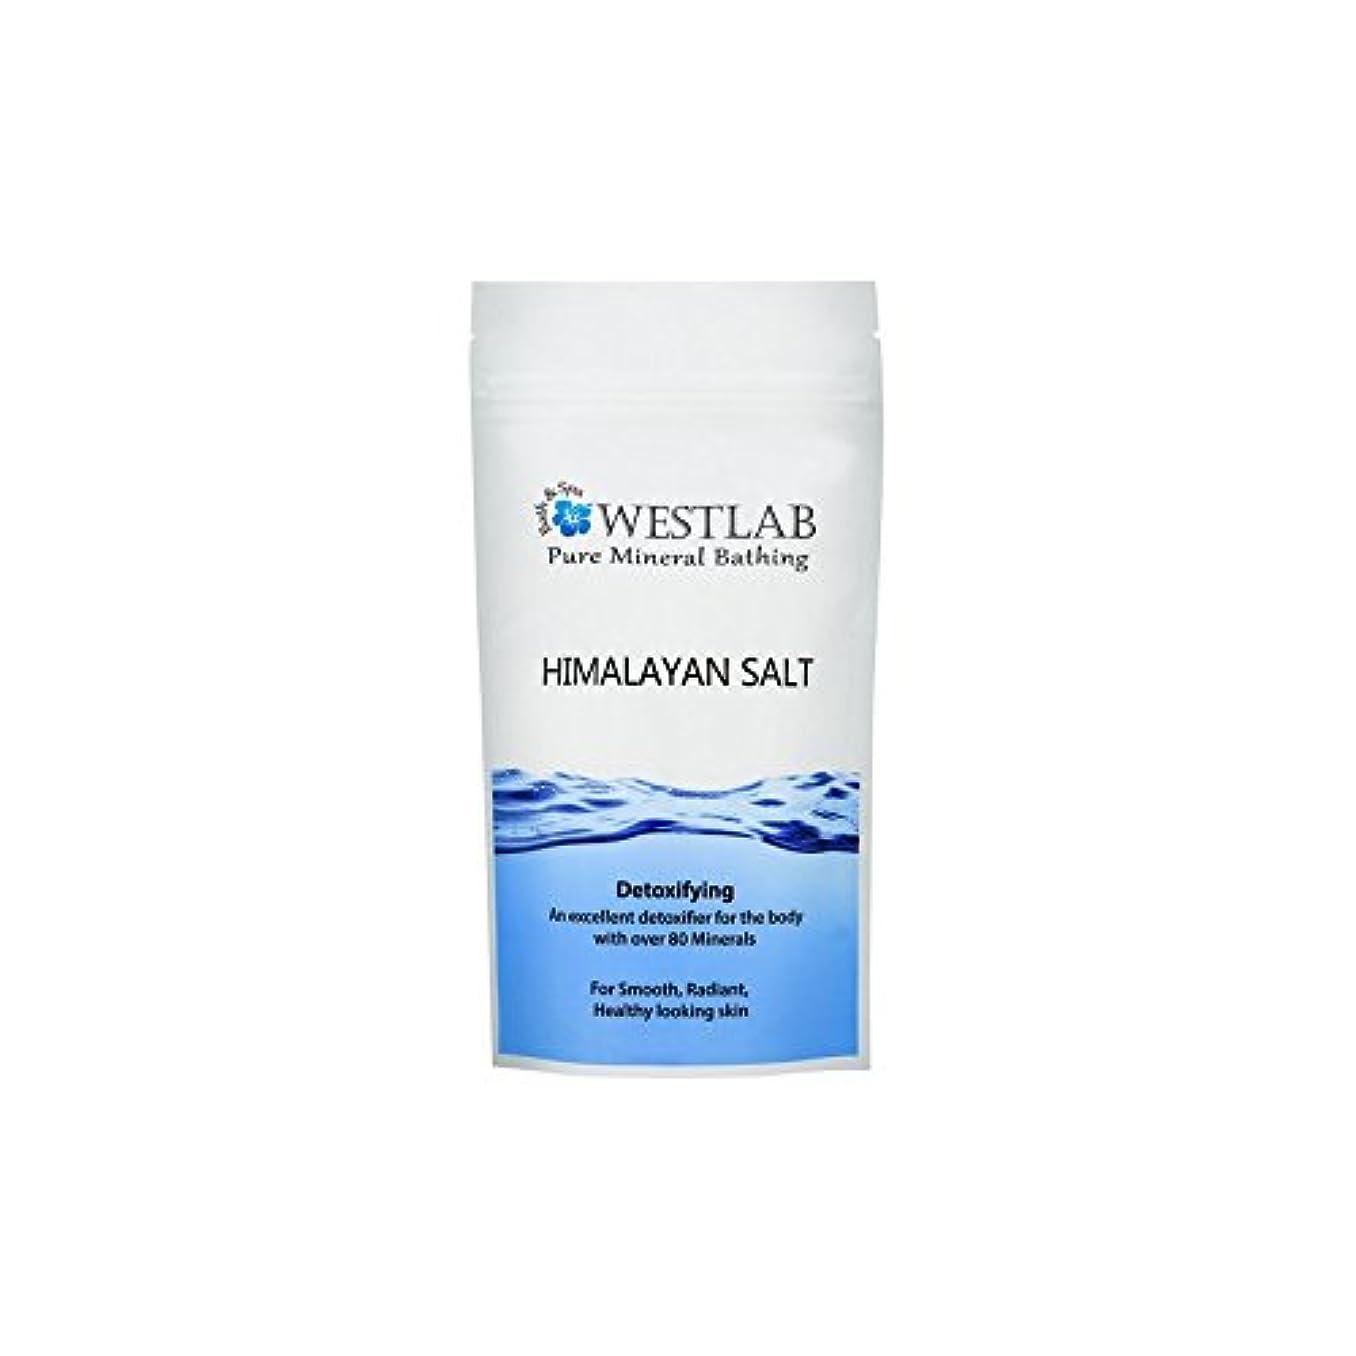 病気だと思う一目高層ビルWestlab Himalayan Salt 500g - ヒマラヤの塩500グラム [並行輸入品]